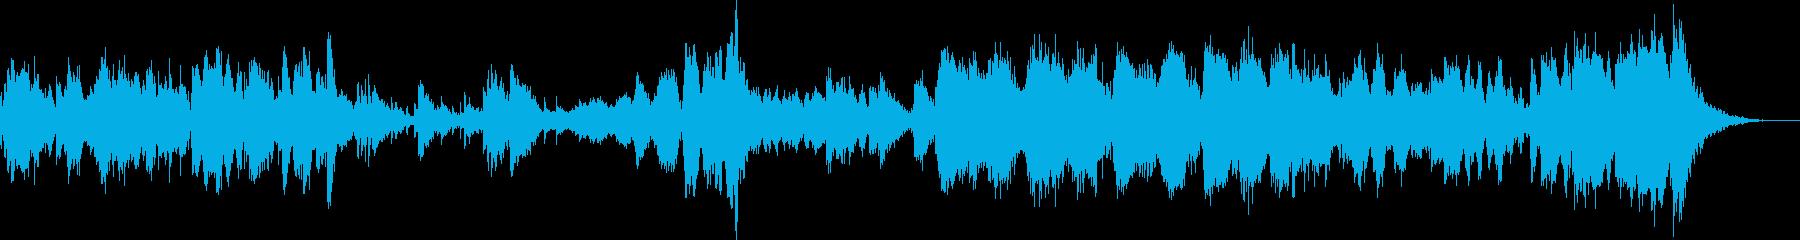 怪獣がのっそりと 管楽器と打楽器の再生済みの波形